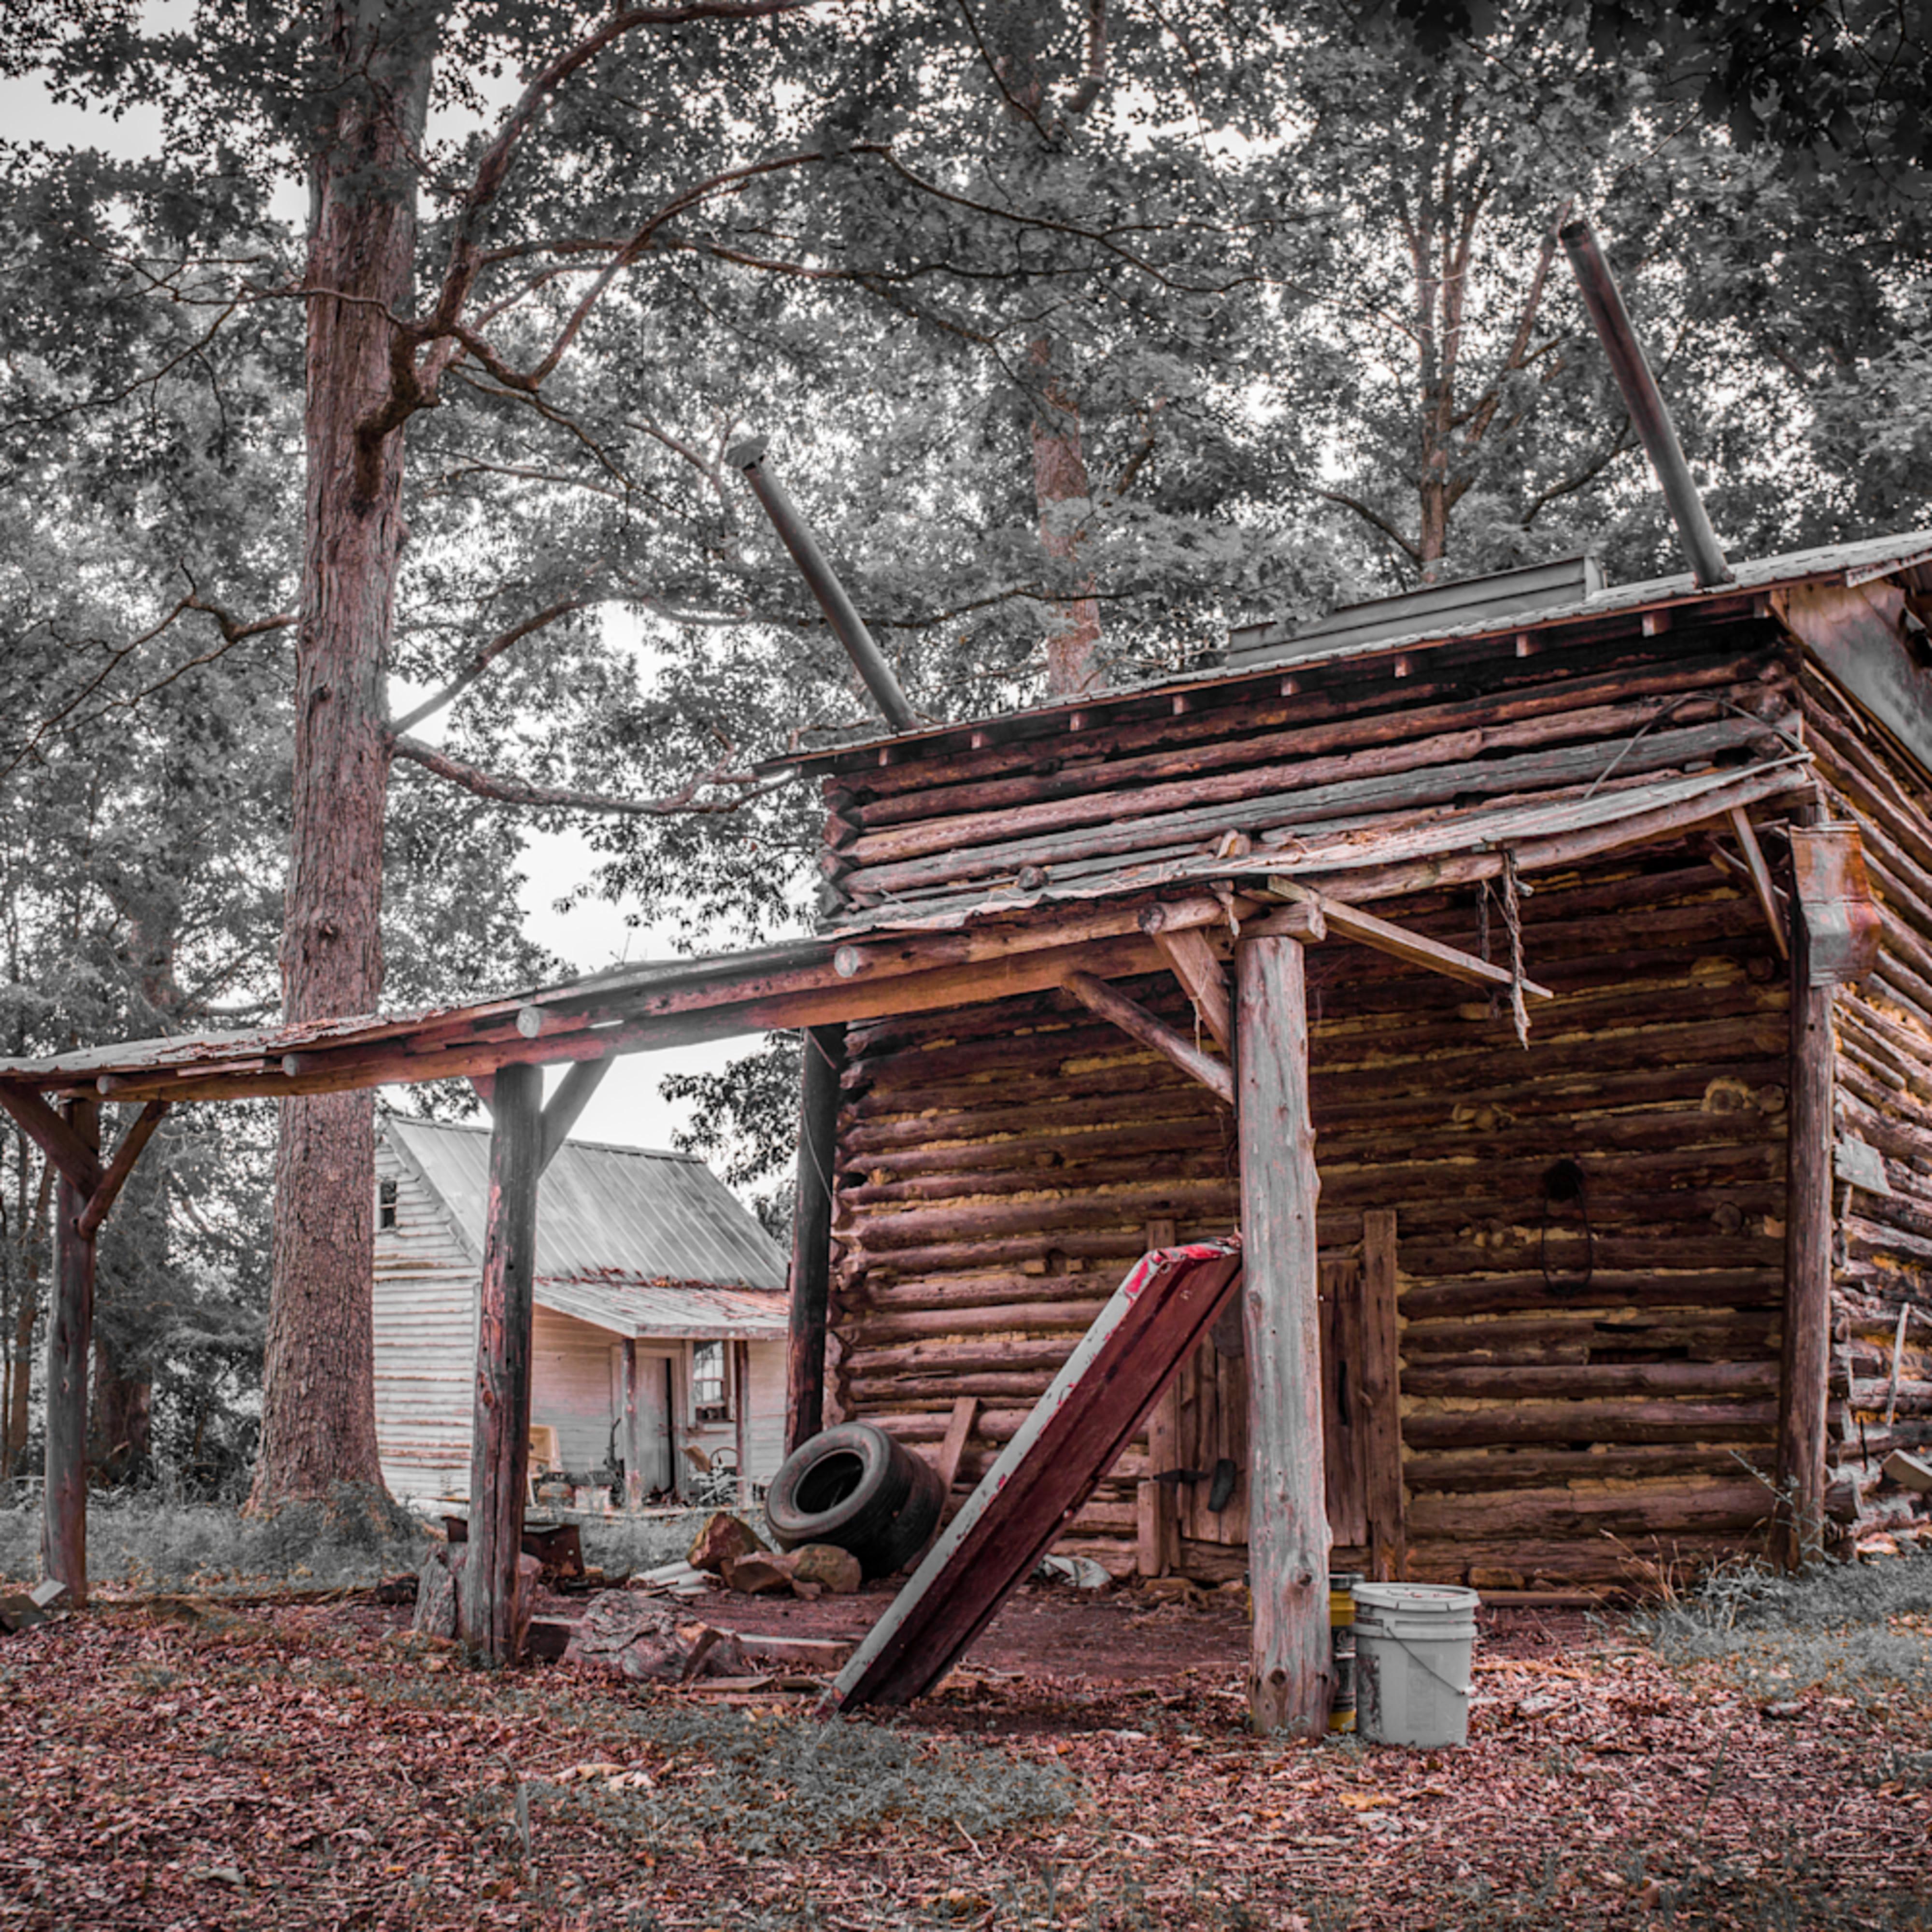 Winston barn y house dsc05338 lg bqm8hs